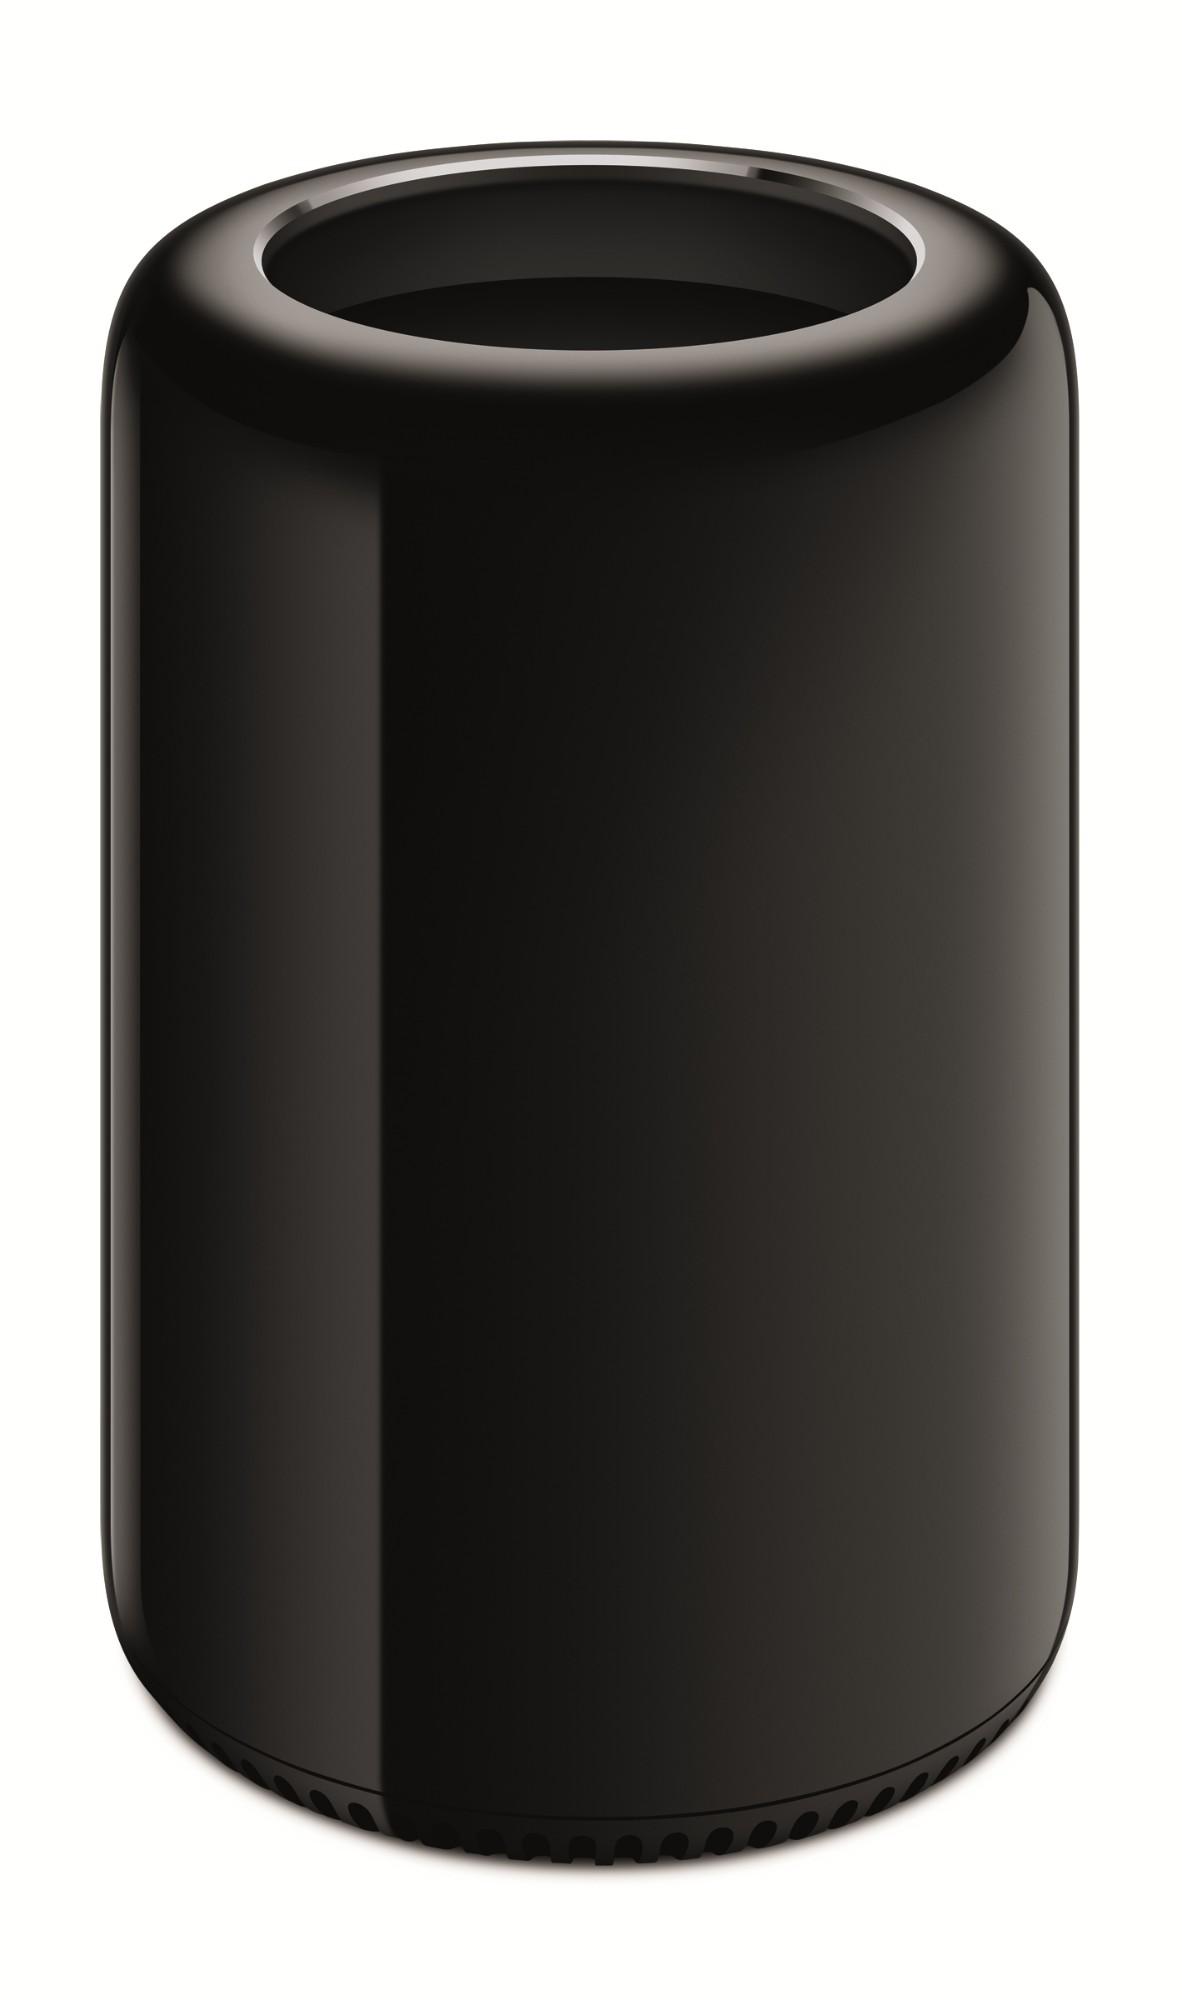 Apple Mac Pro 2.7GHz E5-2697V2 Desktop Black Workstation